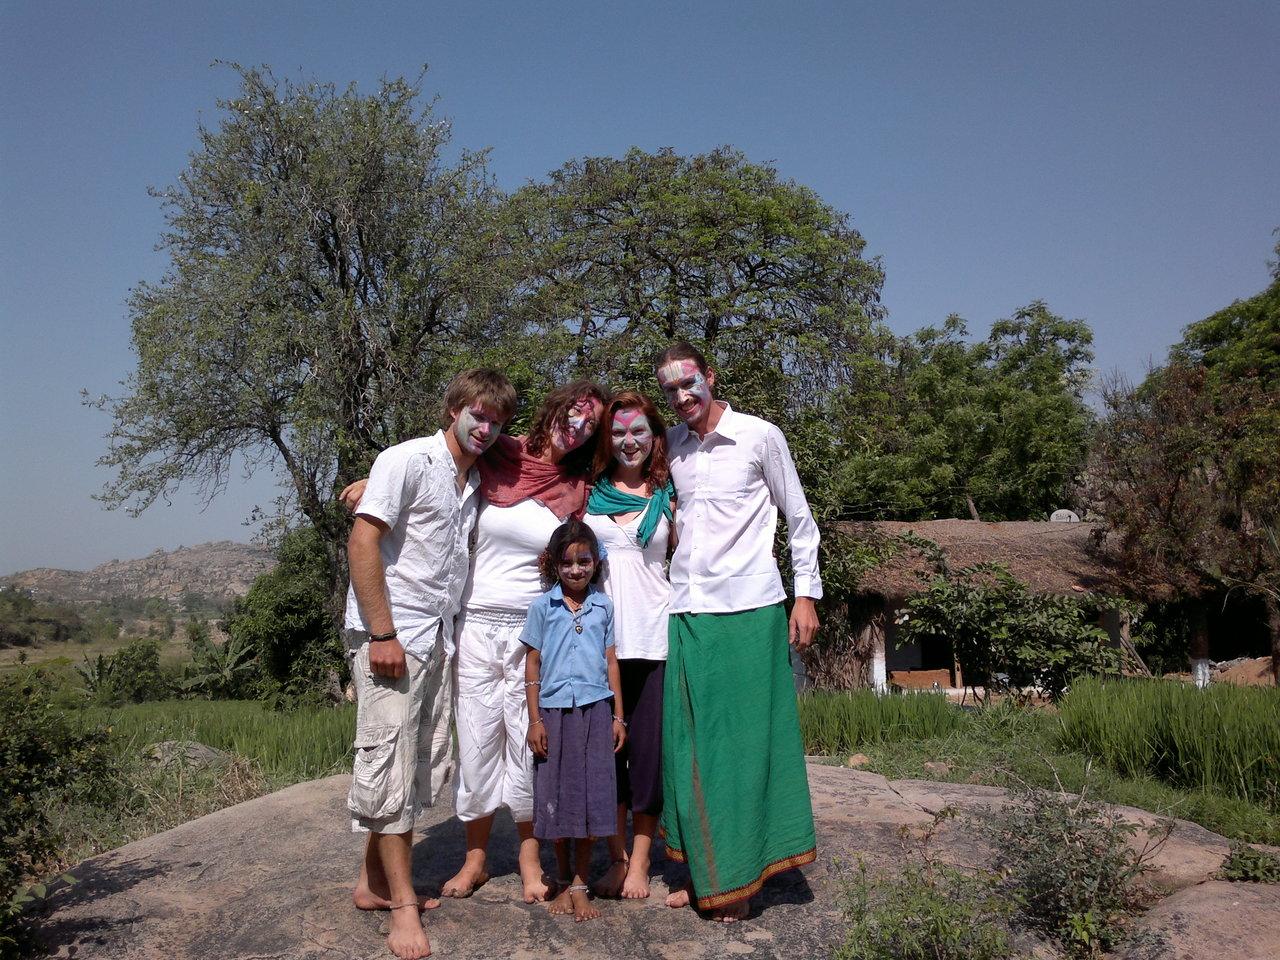 Joe, Lora, Karishma, Lisa, Ulf Nach den Vorbereitungen für das Holi-Festival